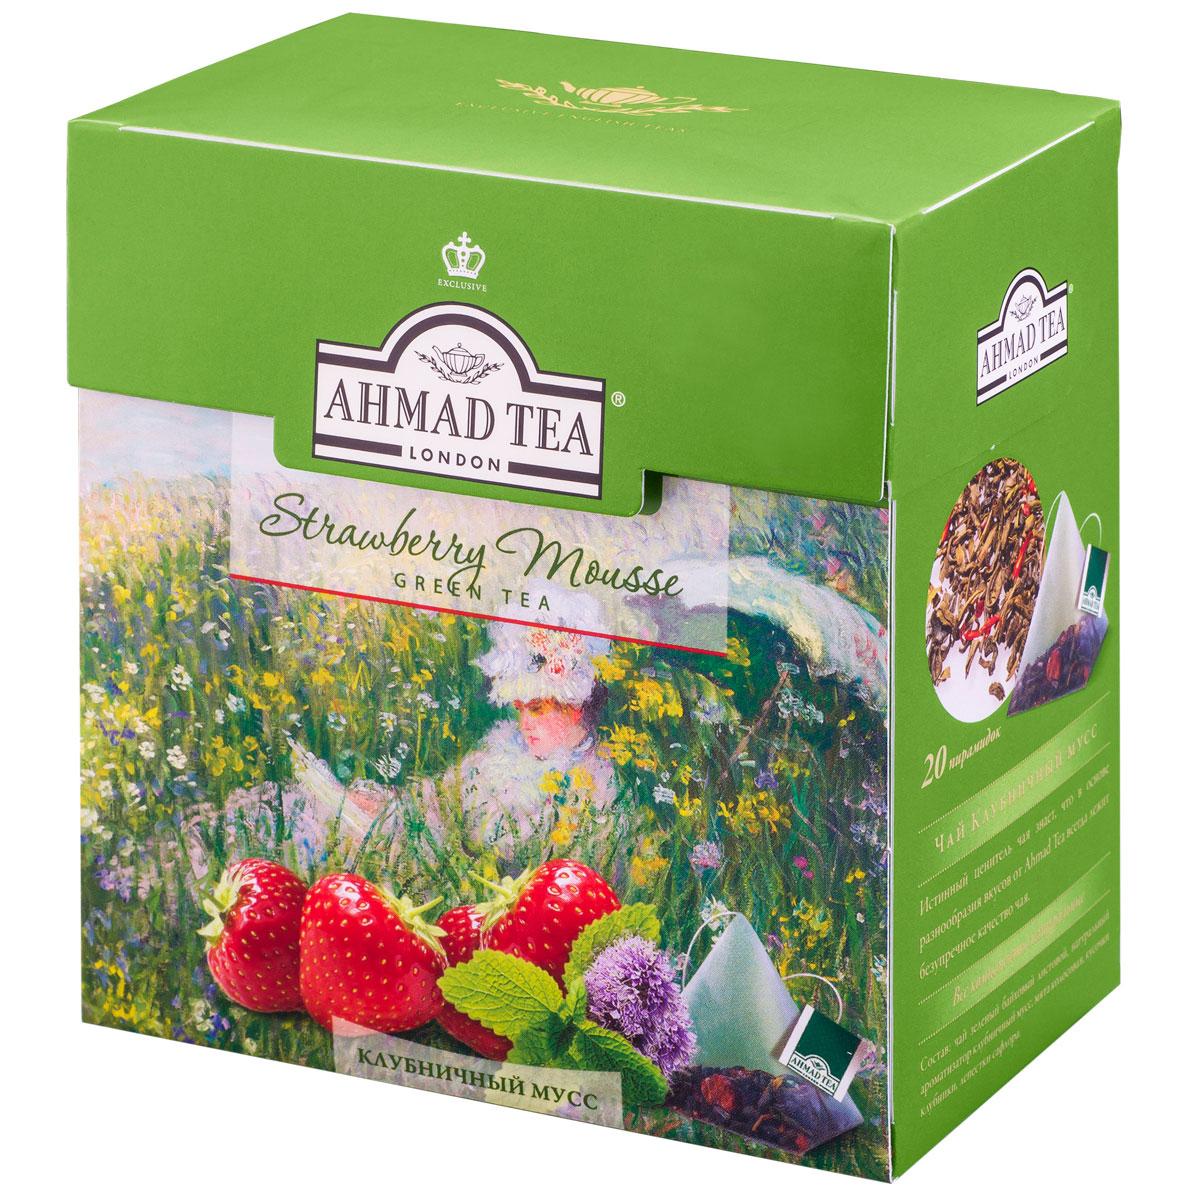 Ahmad Tea Strawberry Mousse зеленый чай в пирамидках, 20 шт0120710Вкус композиции Ahmad Tea Strawberry Mousse открывает новые грани совершенства чая: благородный китайский зеленый чай раскрывается в букет с душистым клубничным ароматом и нотой мятной свежести.Заваривать 4-6 минут, температура воды 90°С.